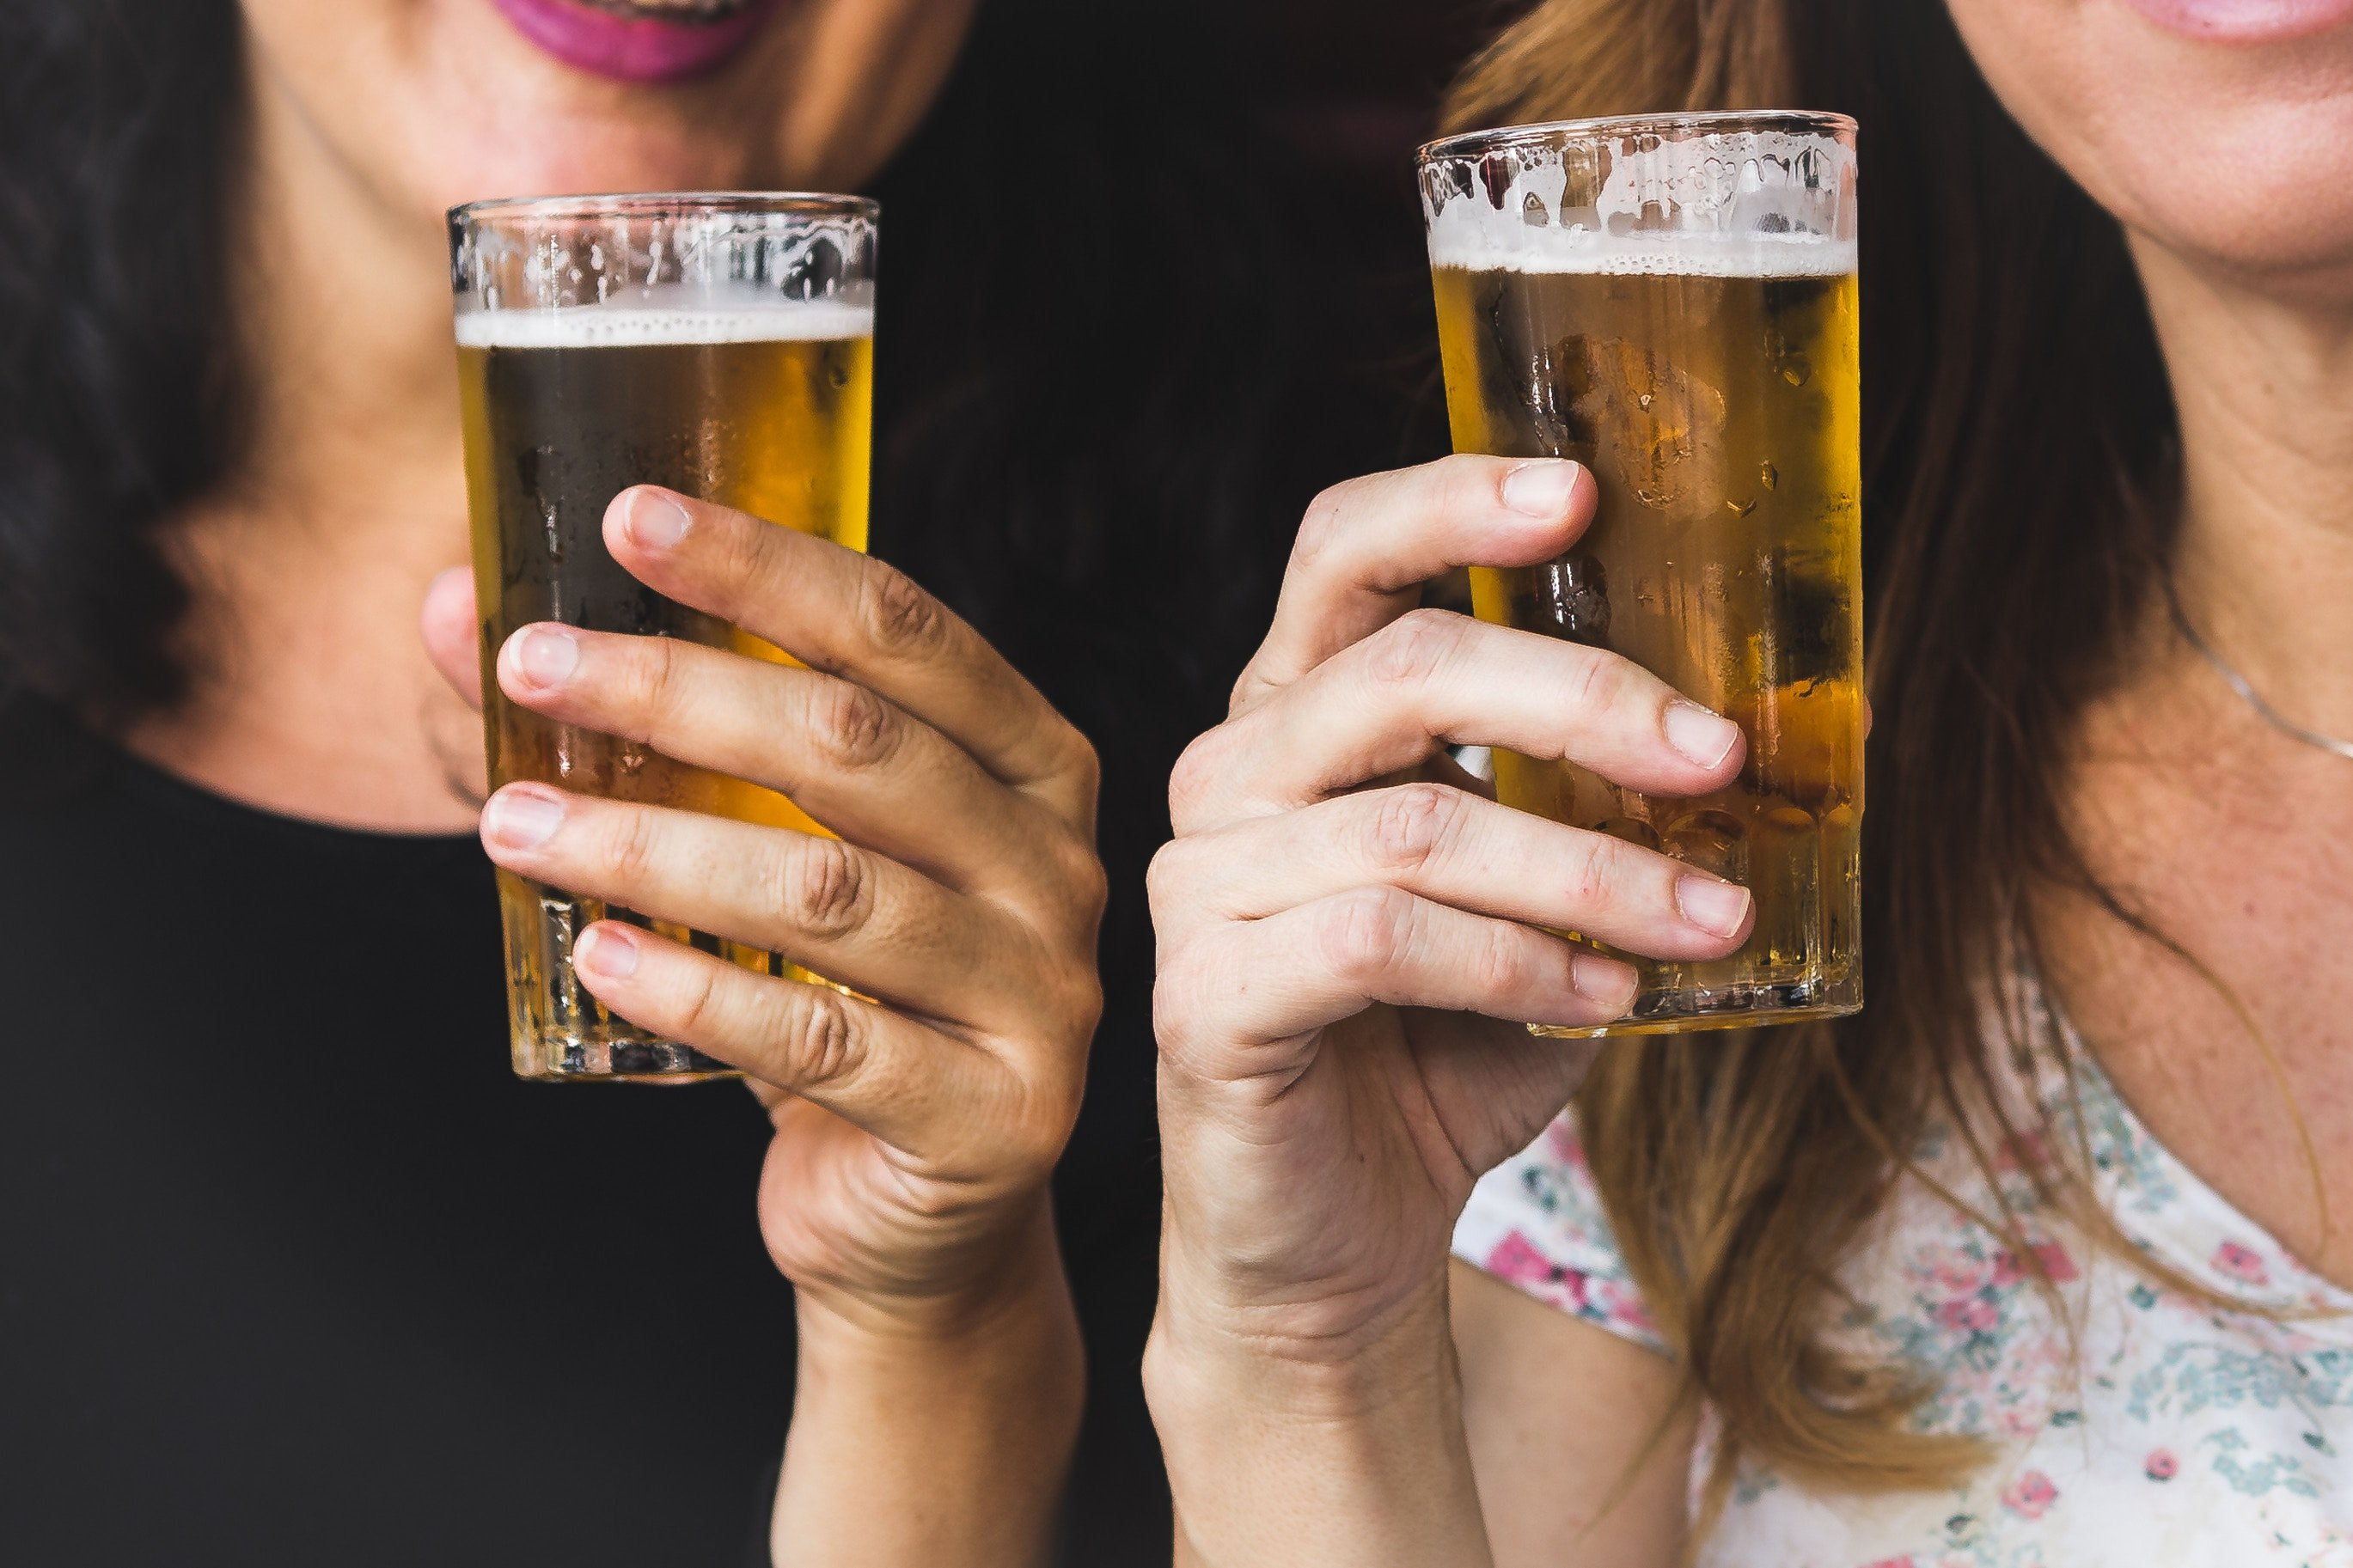 paloma a 439191 unsplash.jpg?resize=300,169 - Cerveja é a melhor aliada contra as rugas, dizem os cientistas